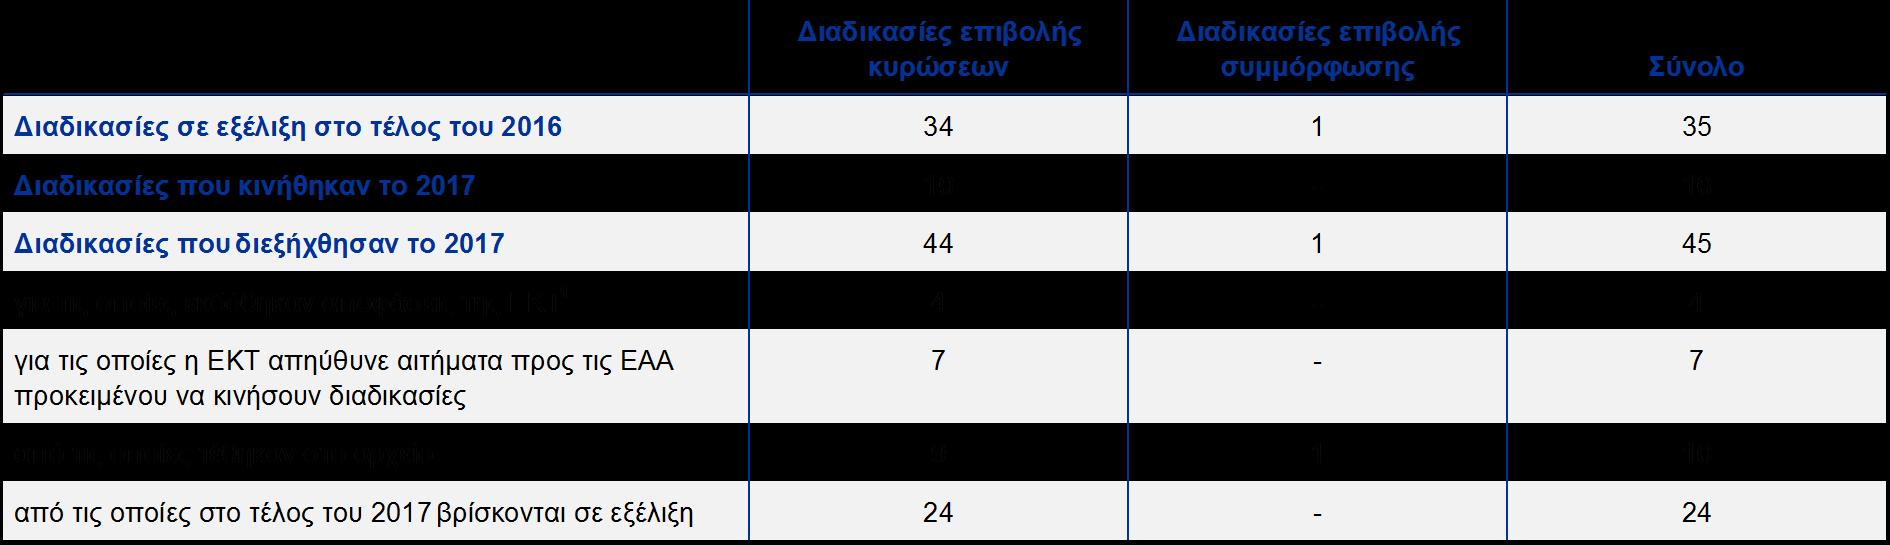 Δραστηριότητα επιβολής συμμόρφωσης και επιβολής κυρώσεων της ΕΚΤ το 2017 7364369099c